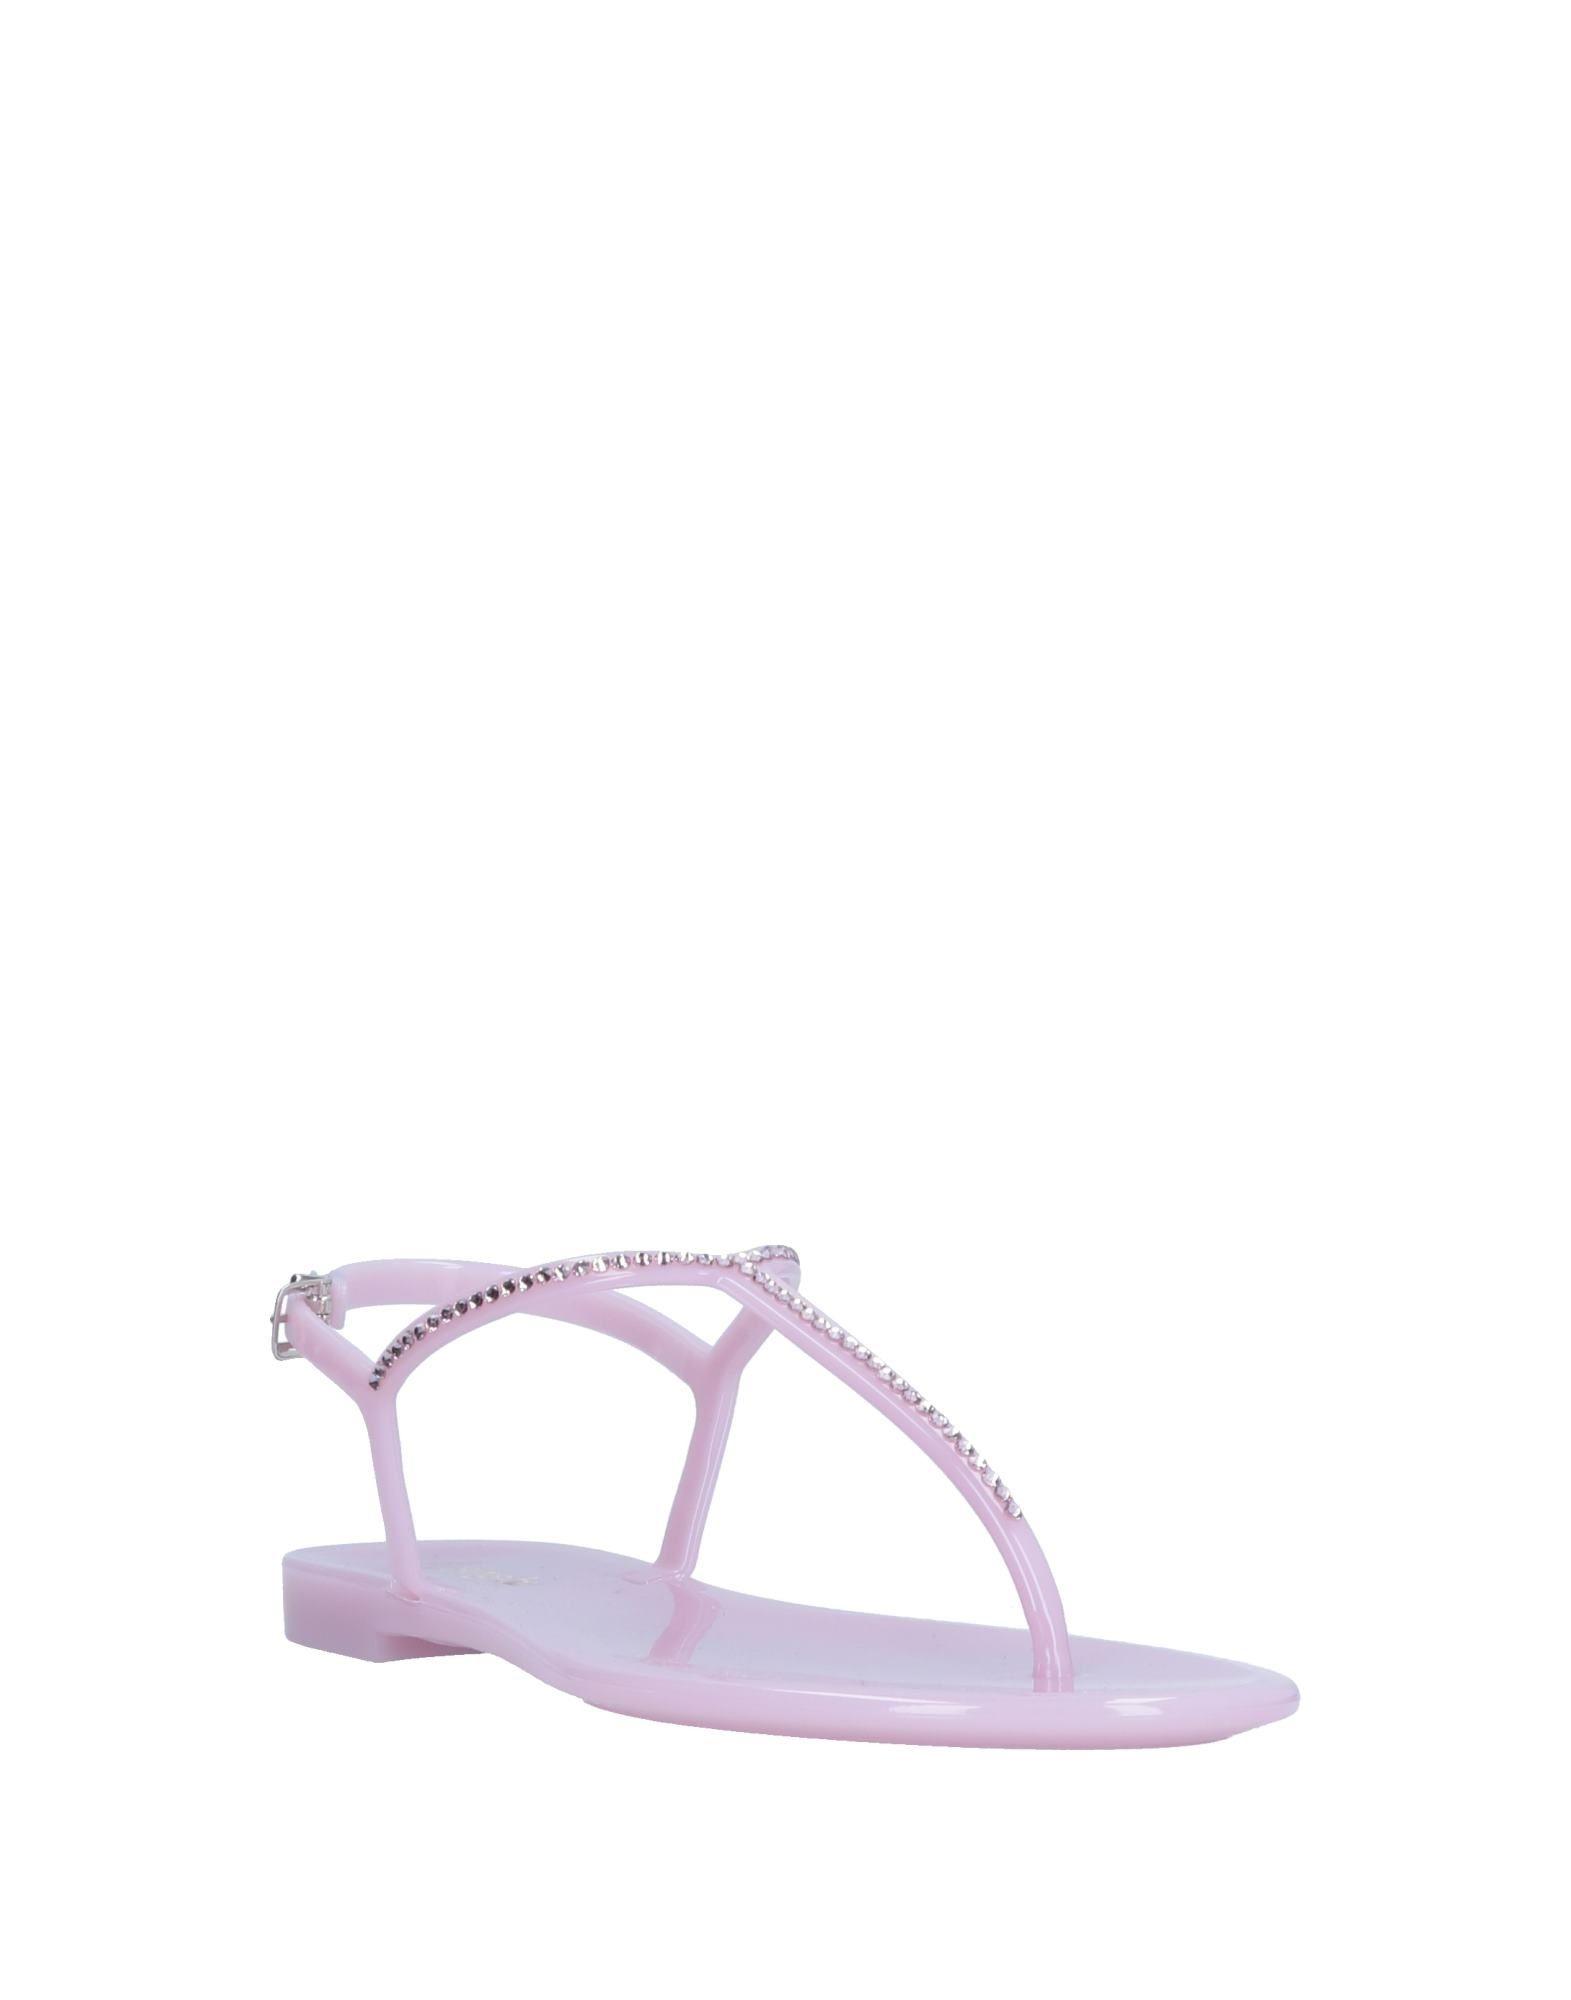 Mènghi Dianetten Qualität Damen  11154270MS Gute Qualität Dianetten beliebte Schuhe 5b1c5a